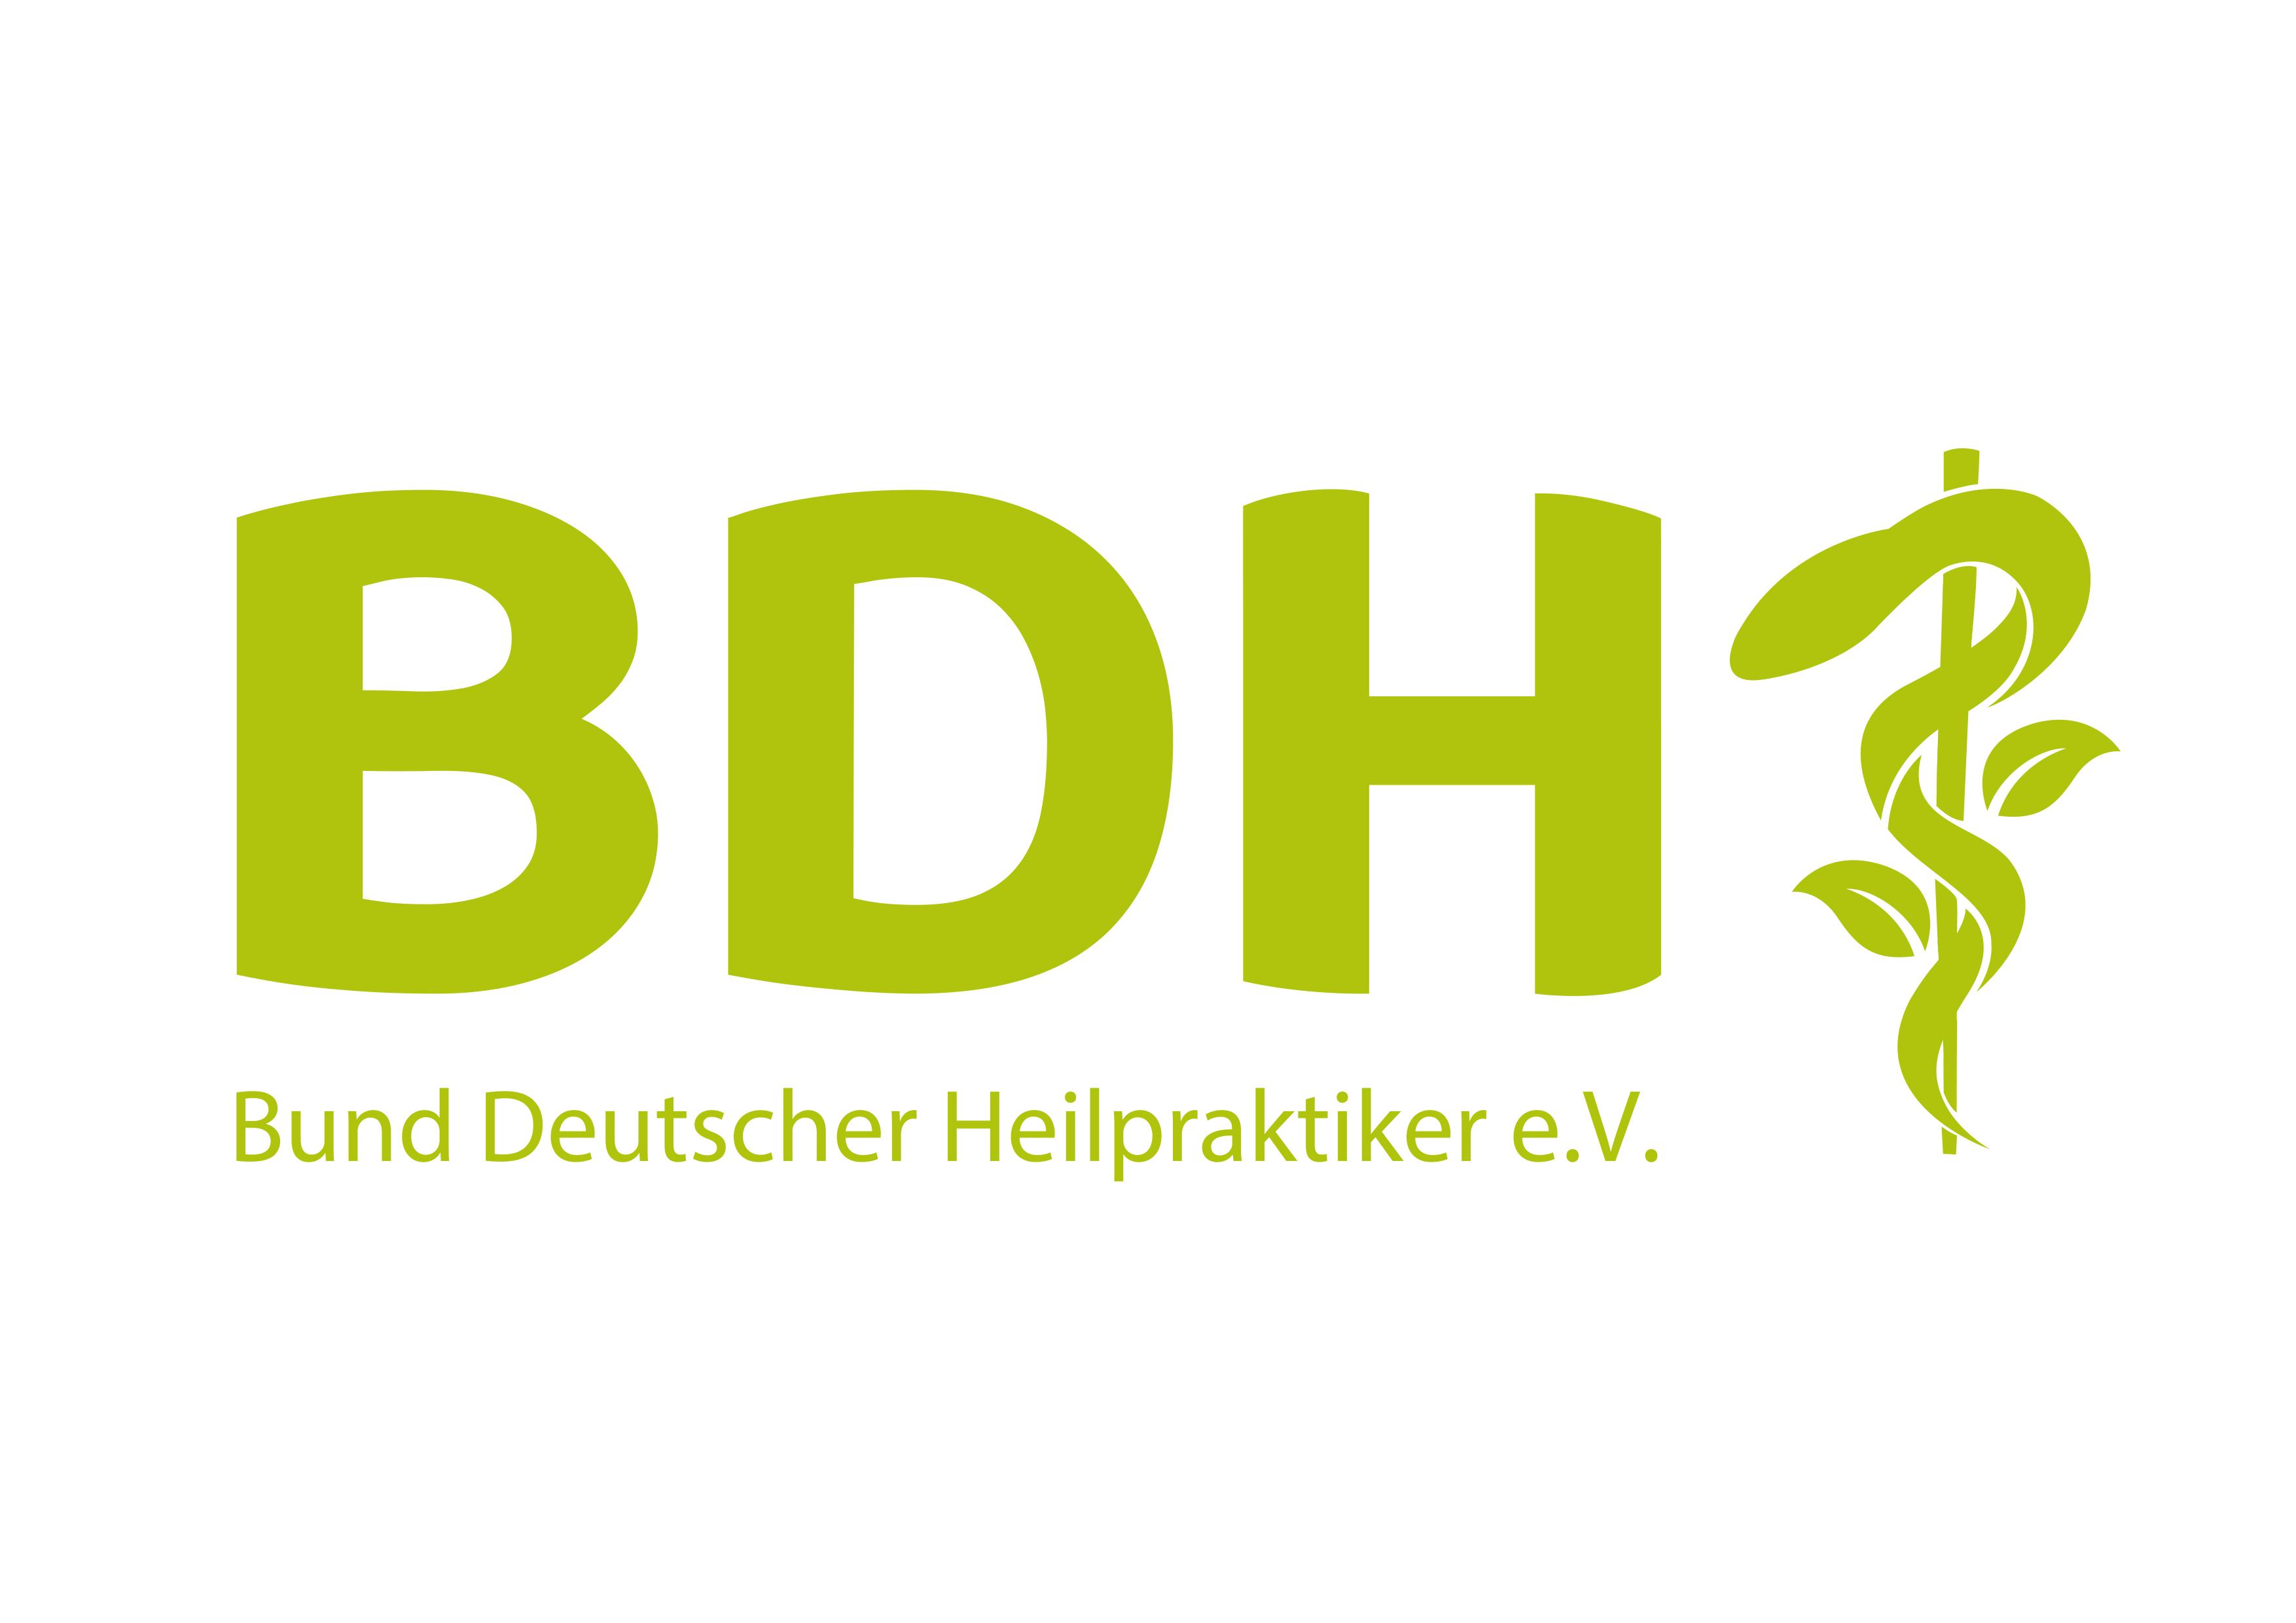 Mitglied im Bund Deutscher Heilpraktiker